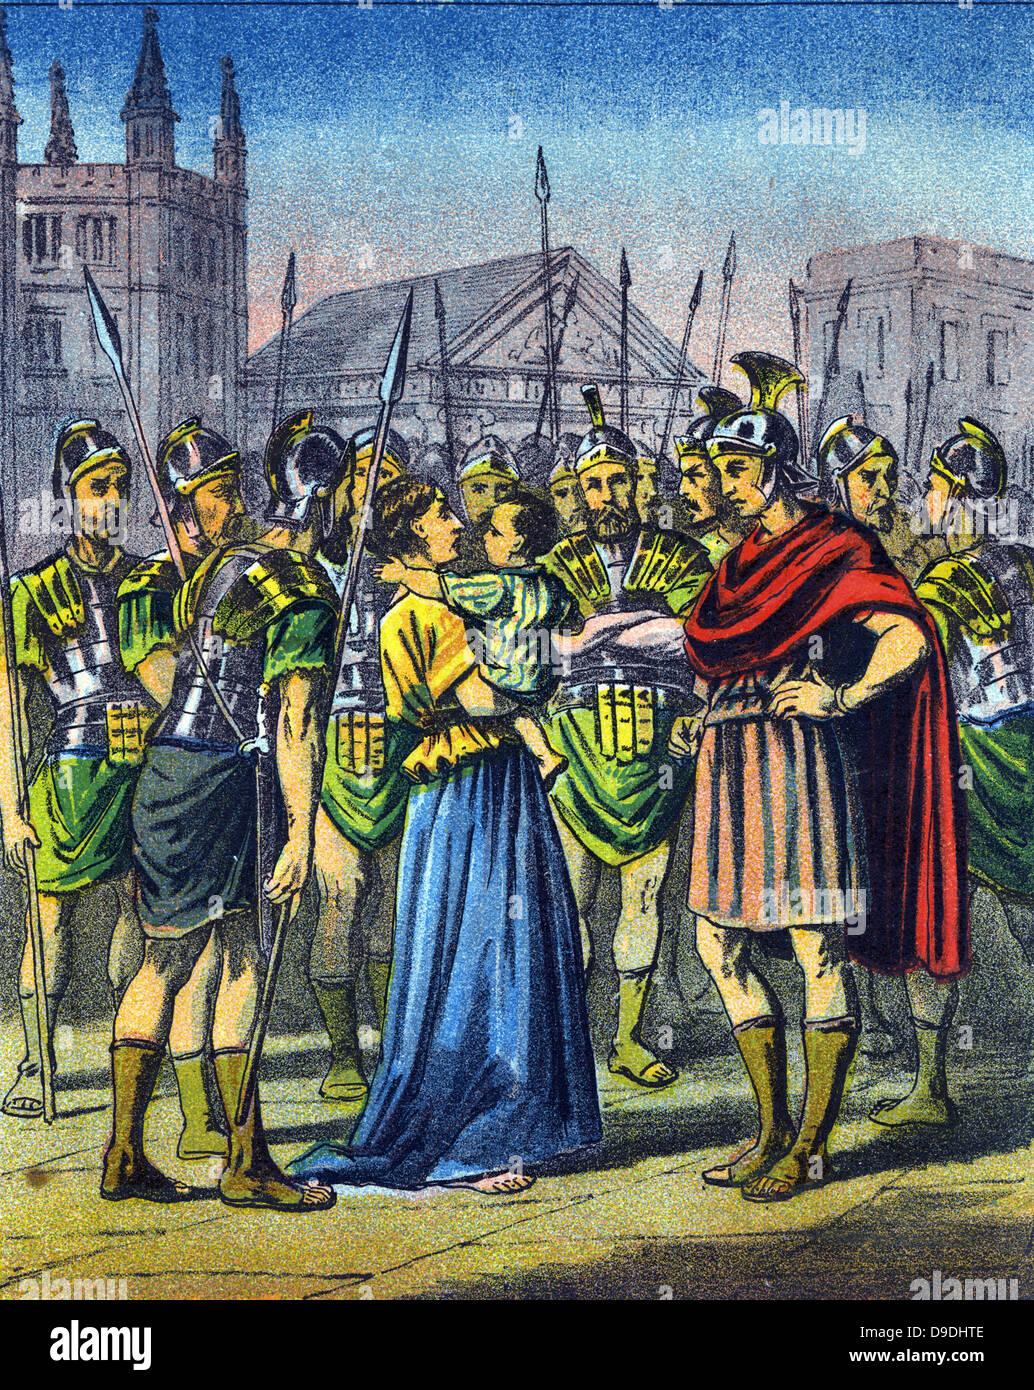 Belästigung und Verfolgung von Christen im römischen Reich im 4. Jahrhundert...  Mitte des 19. Jahrhunderts Stockbild